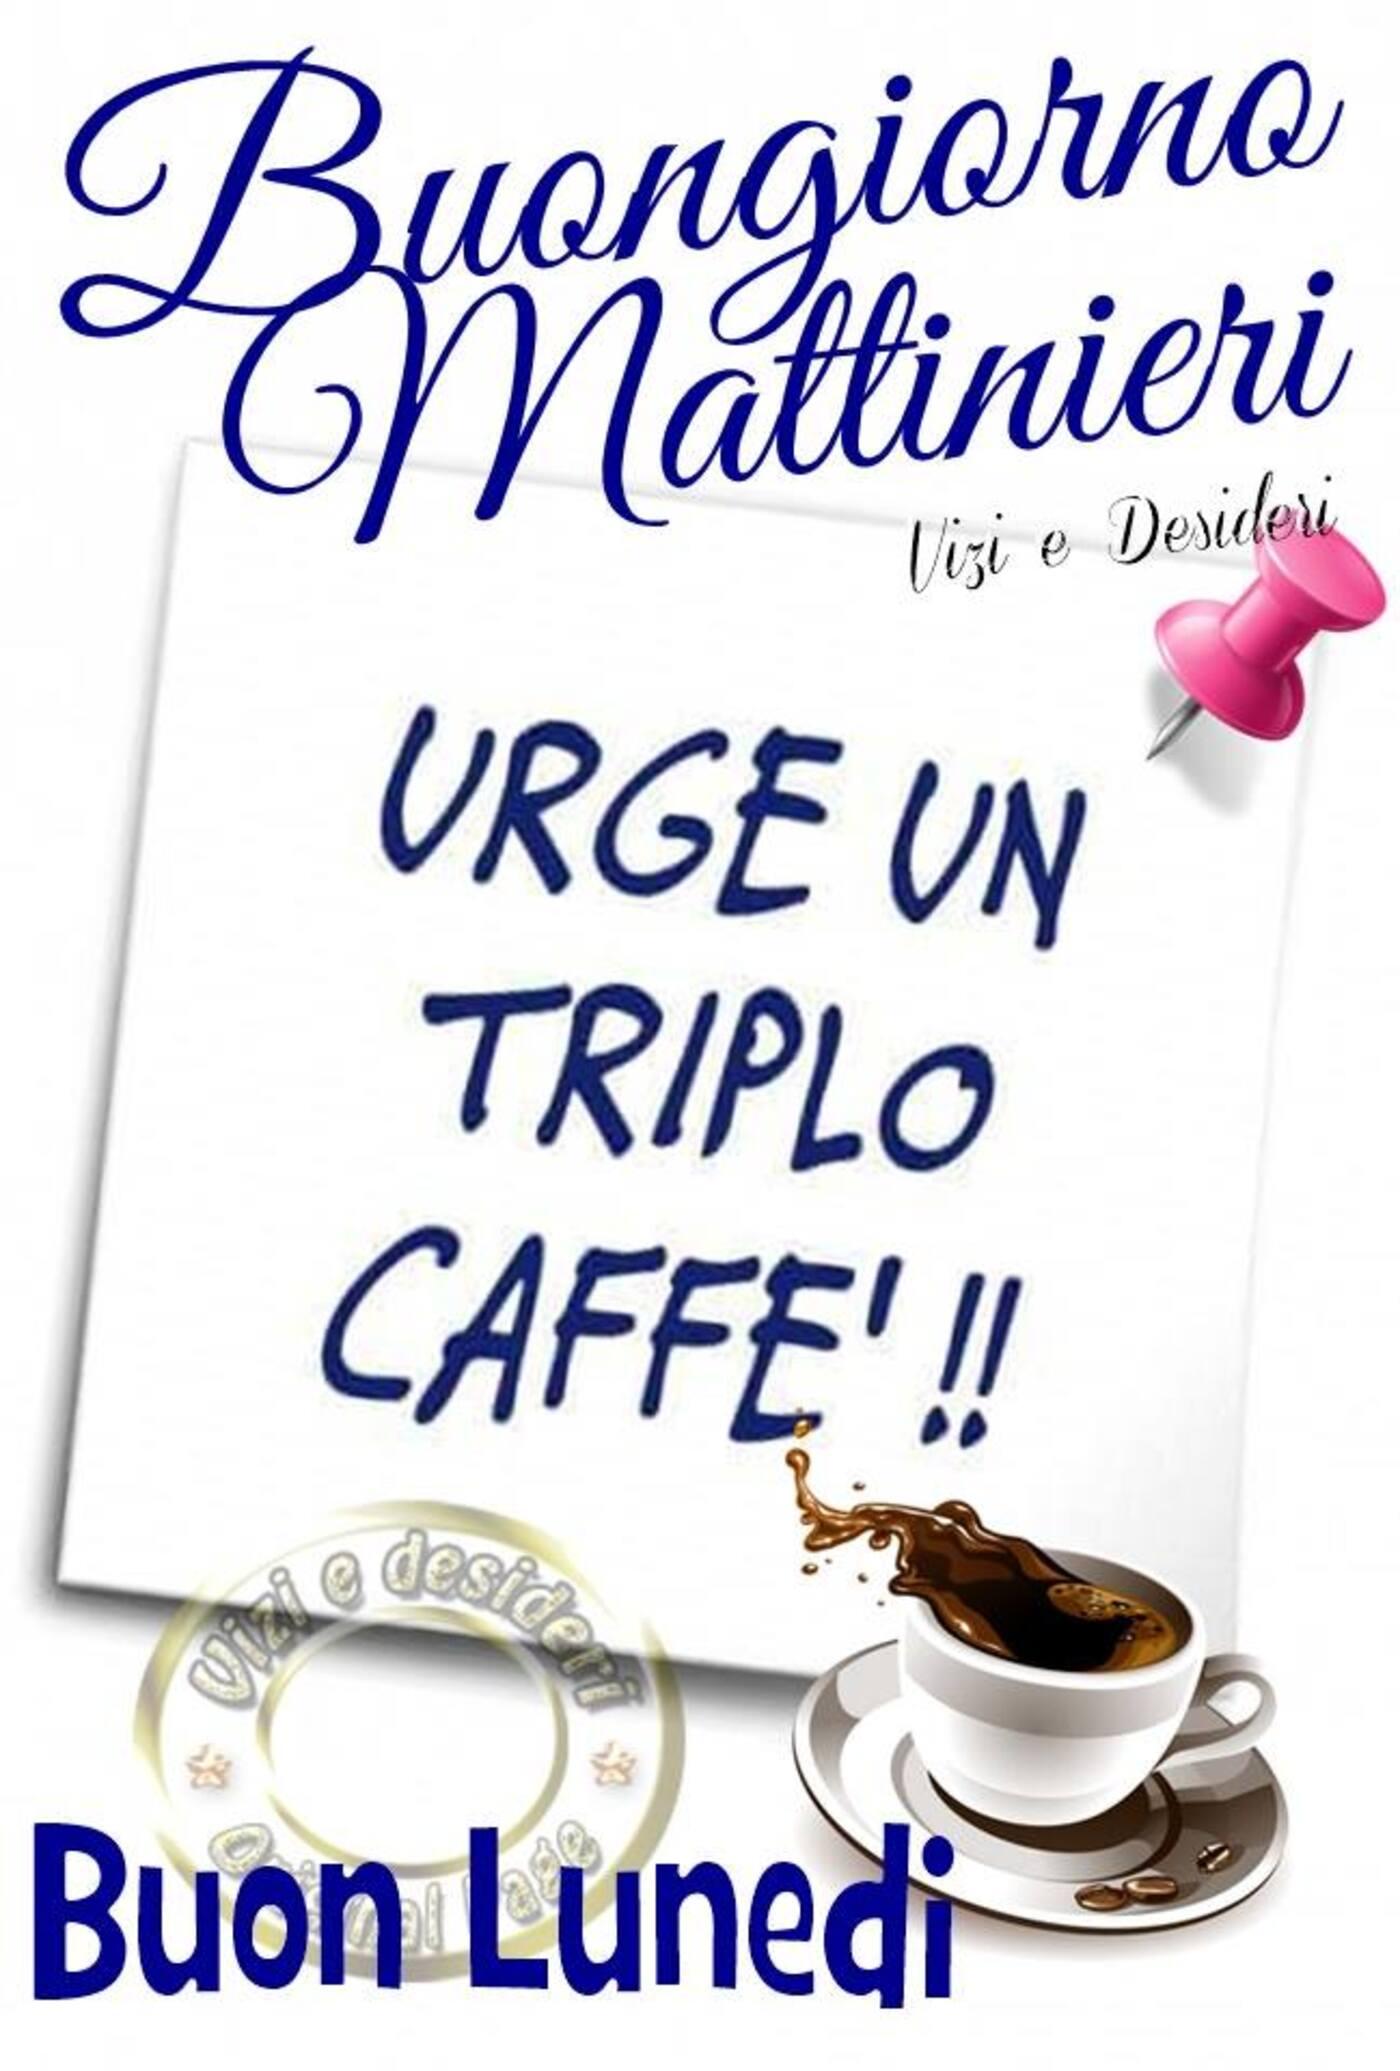 Buongiorno Mattinieri urge un triplo caffè! Buon Lunedì